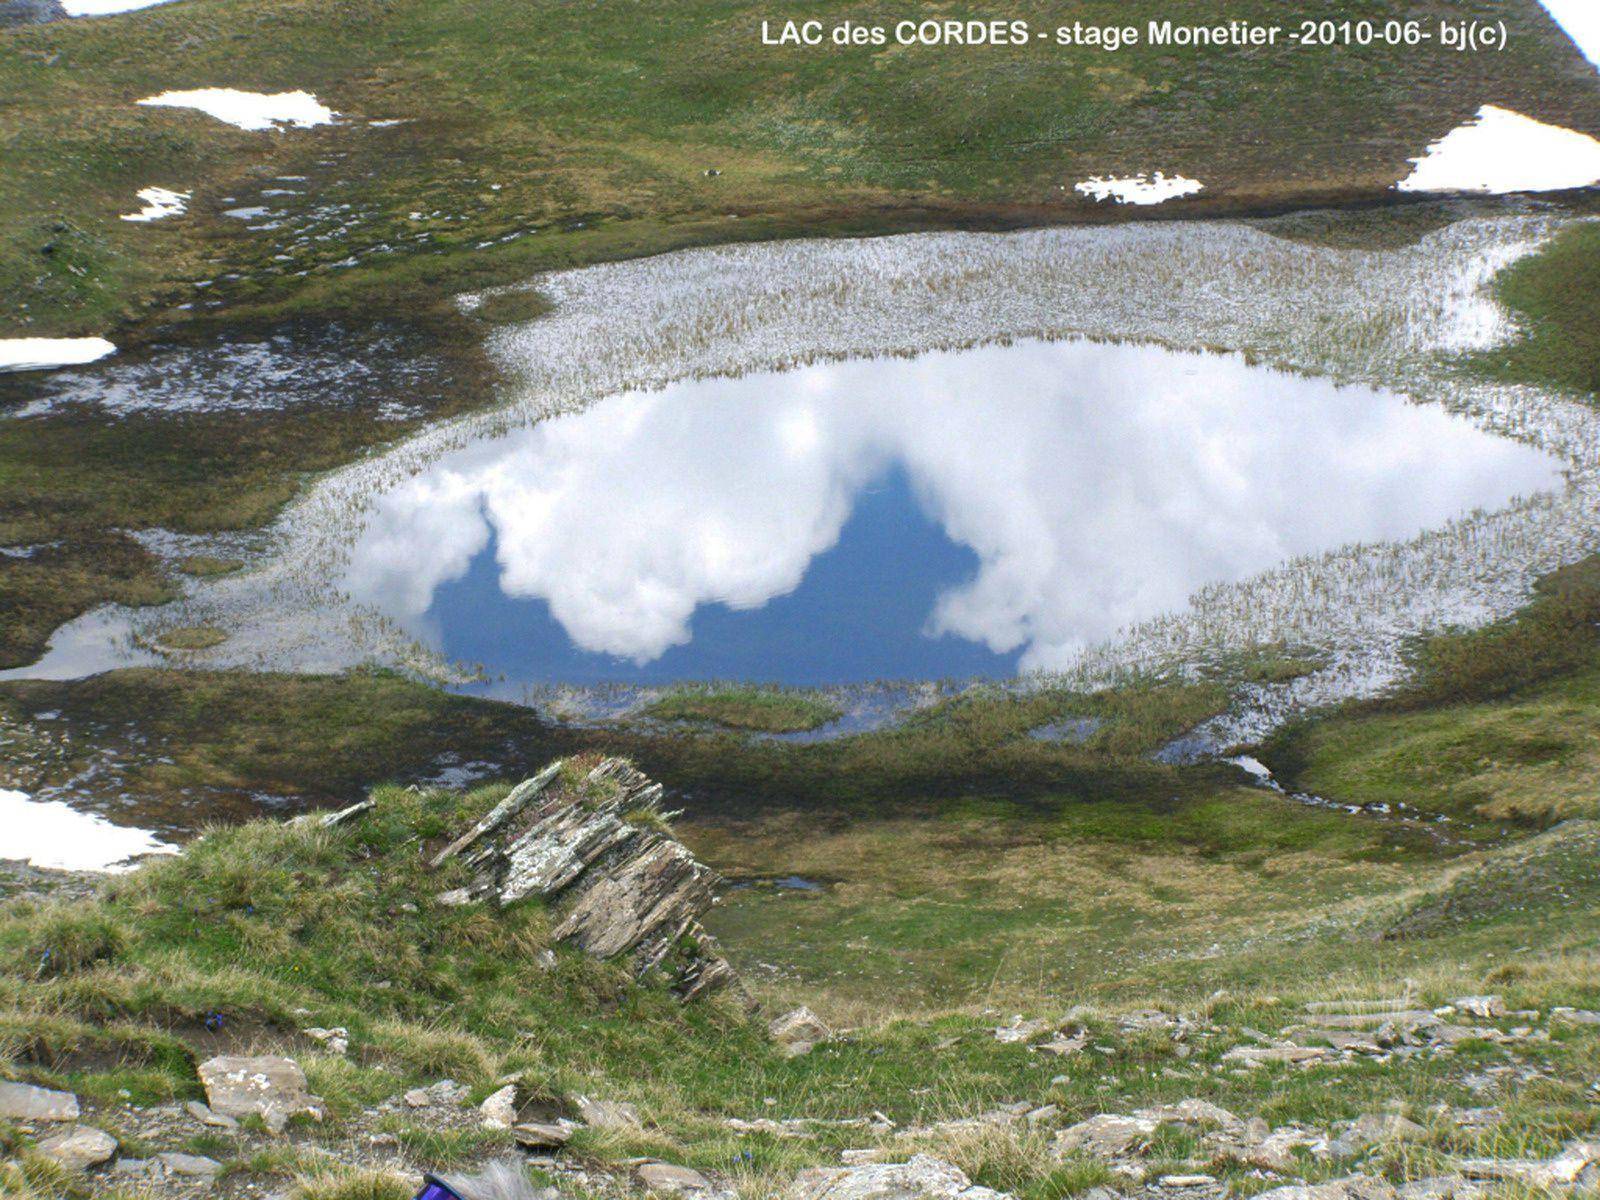 LAC des CORDES - Vallée des FONTS de CERVIERES - goelandmedia.prod@gmail.com (C)